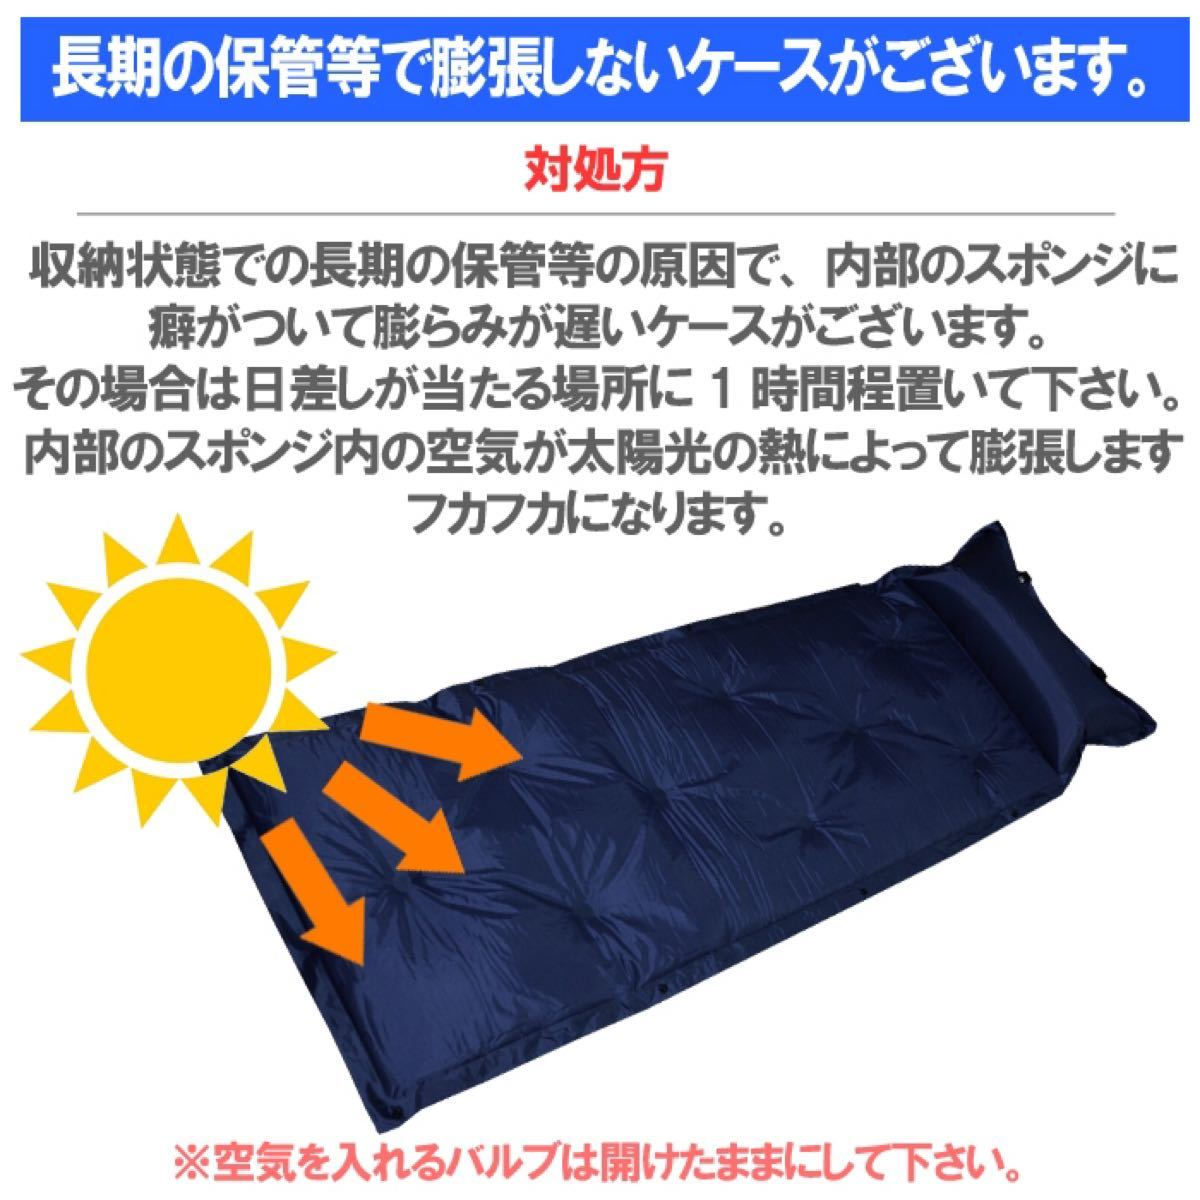 厚み3cm アウトドアマット 2本セット キャンプマット 車中泊 防災 ベッド